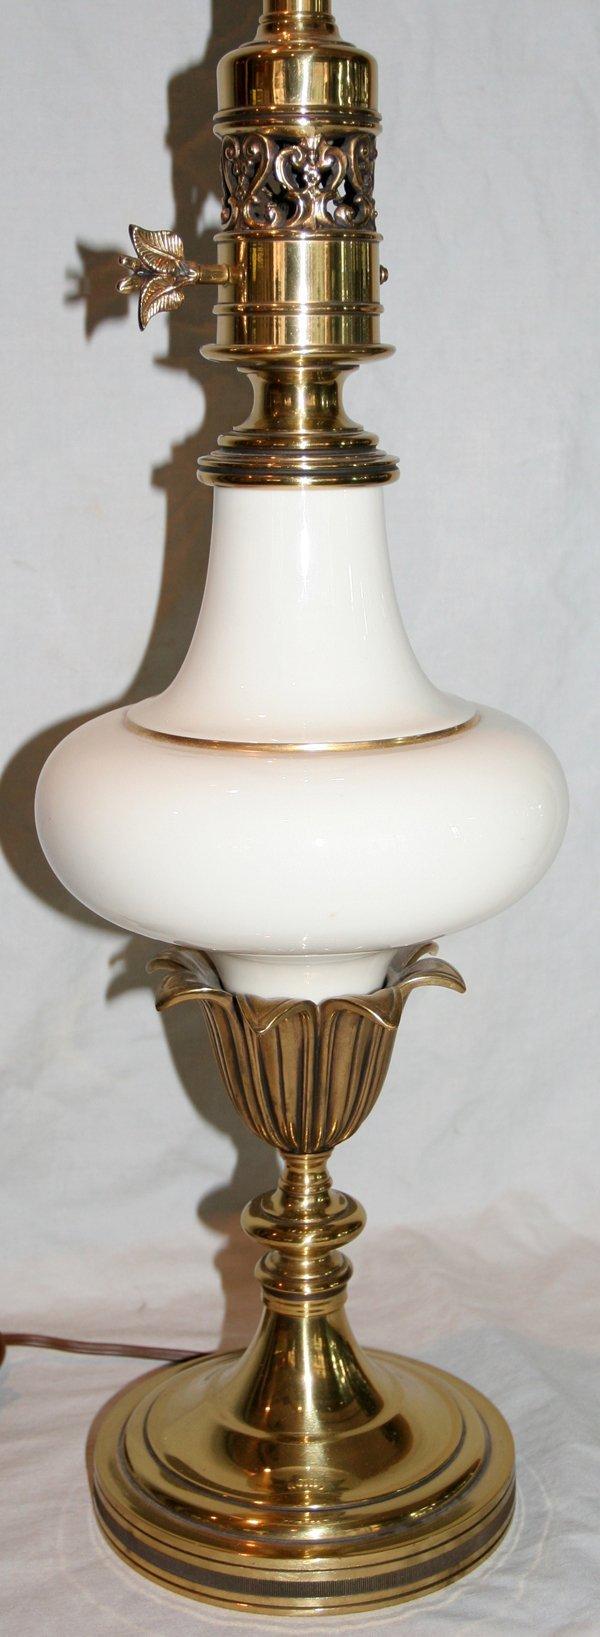 061460 stiffel porcelain and brass lamp h 35 lot 61460. Black Bedroom Furniture Sets. Home Design Ideas